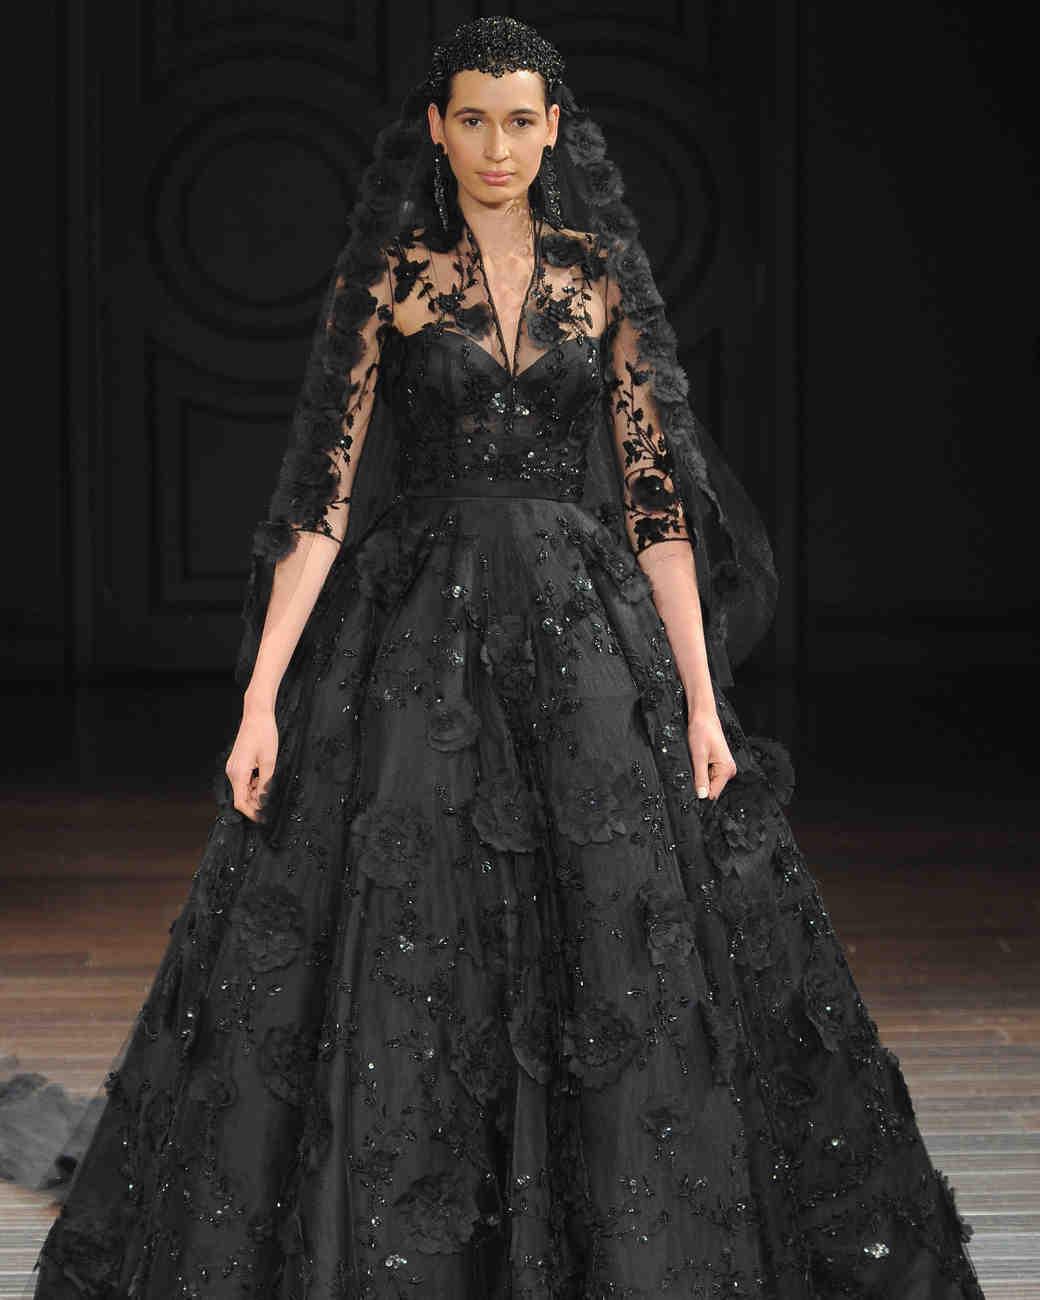 black wedding dresses black wedding dresses Naeem Khan embellished black wedding dress